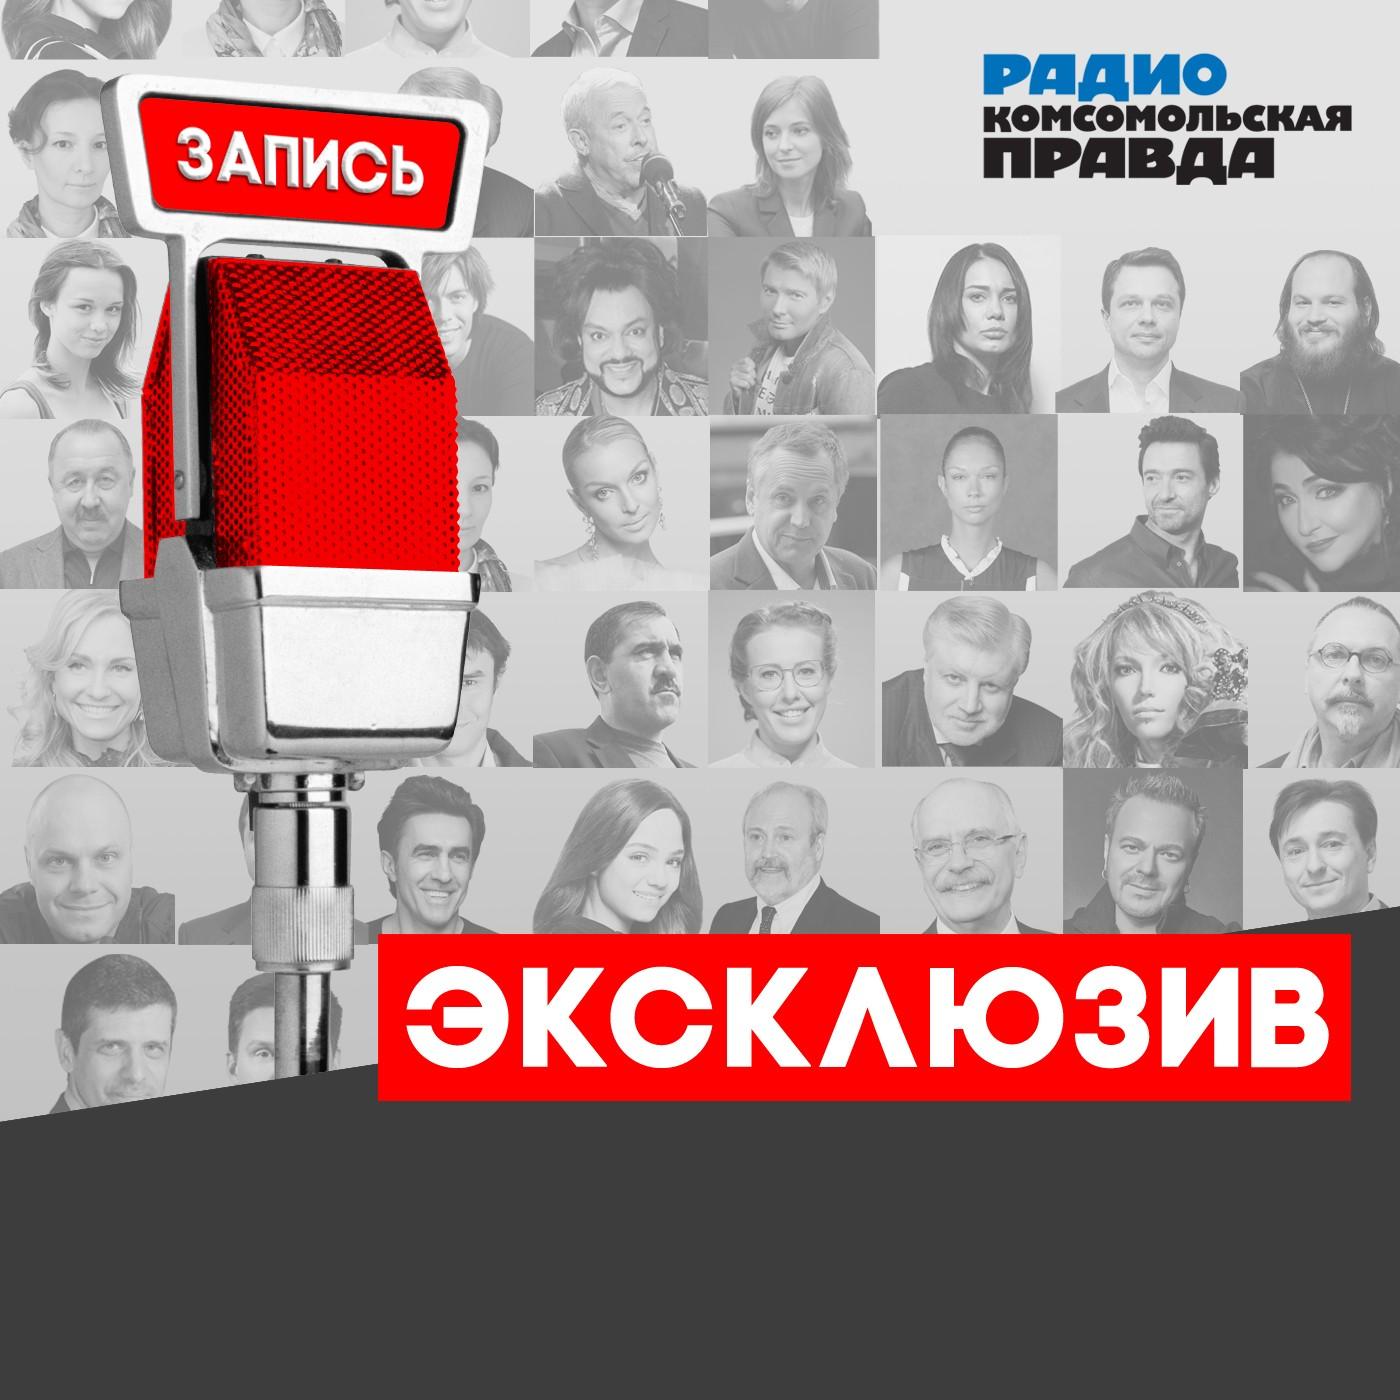 Радио «Комсомольская правда» Памяти Михаила Державина цена